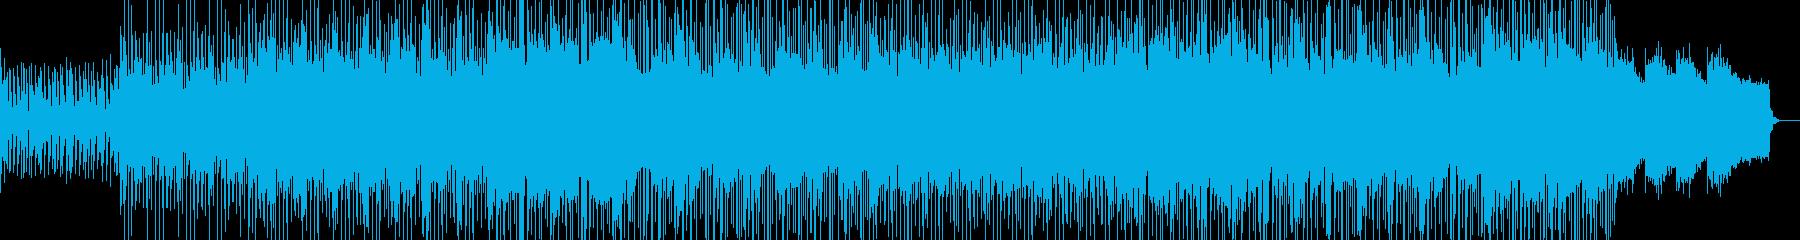 ギターメロディがさわやかなBGMの再生済みの波形